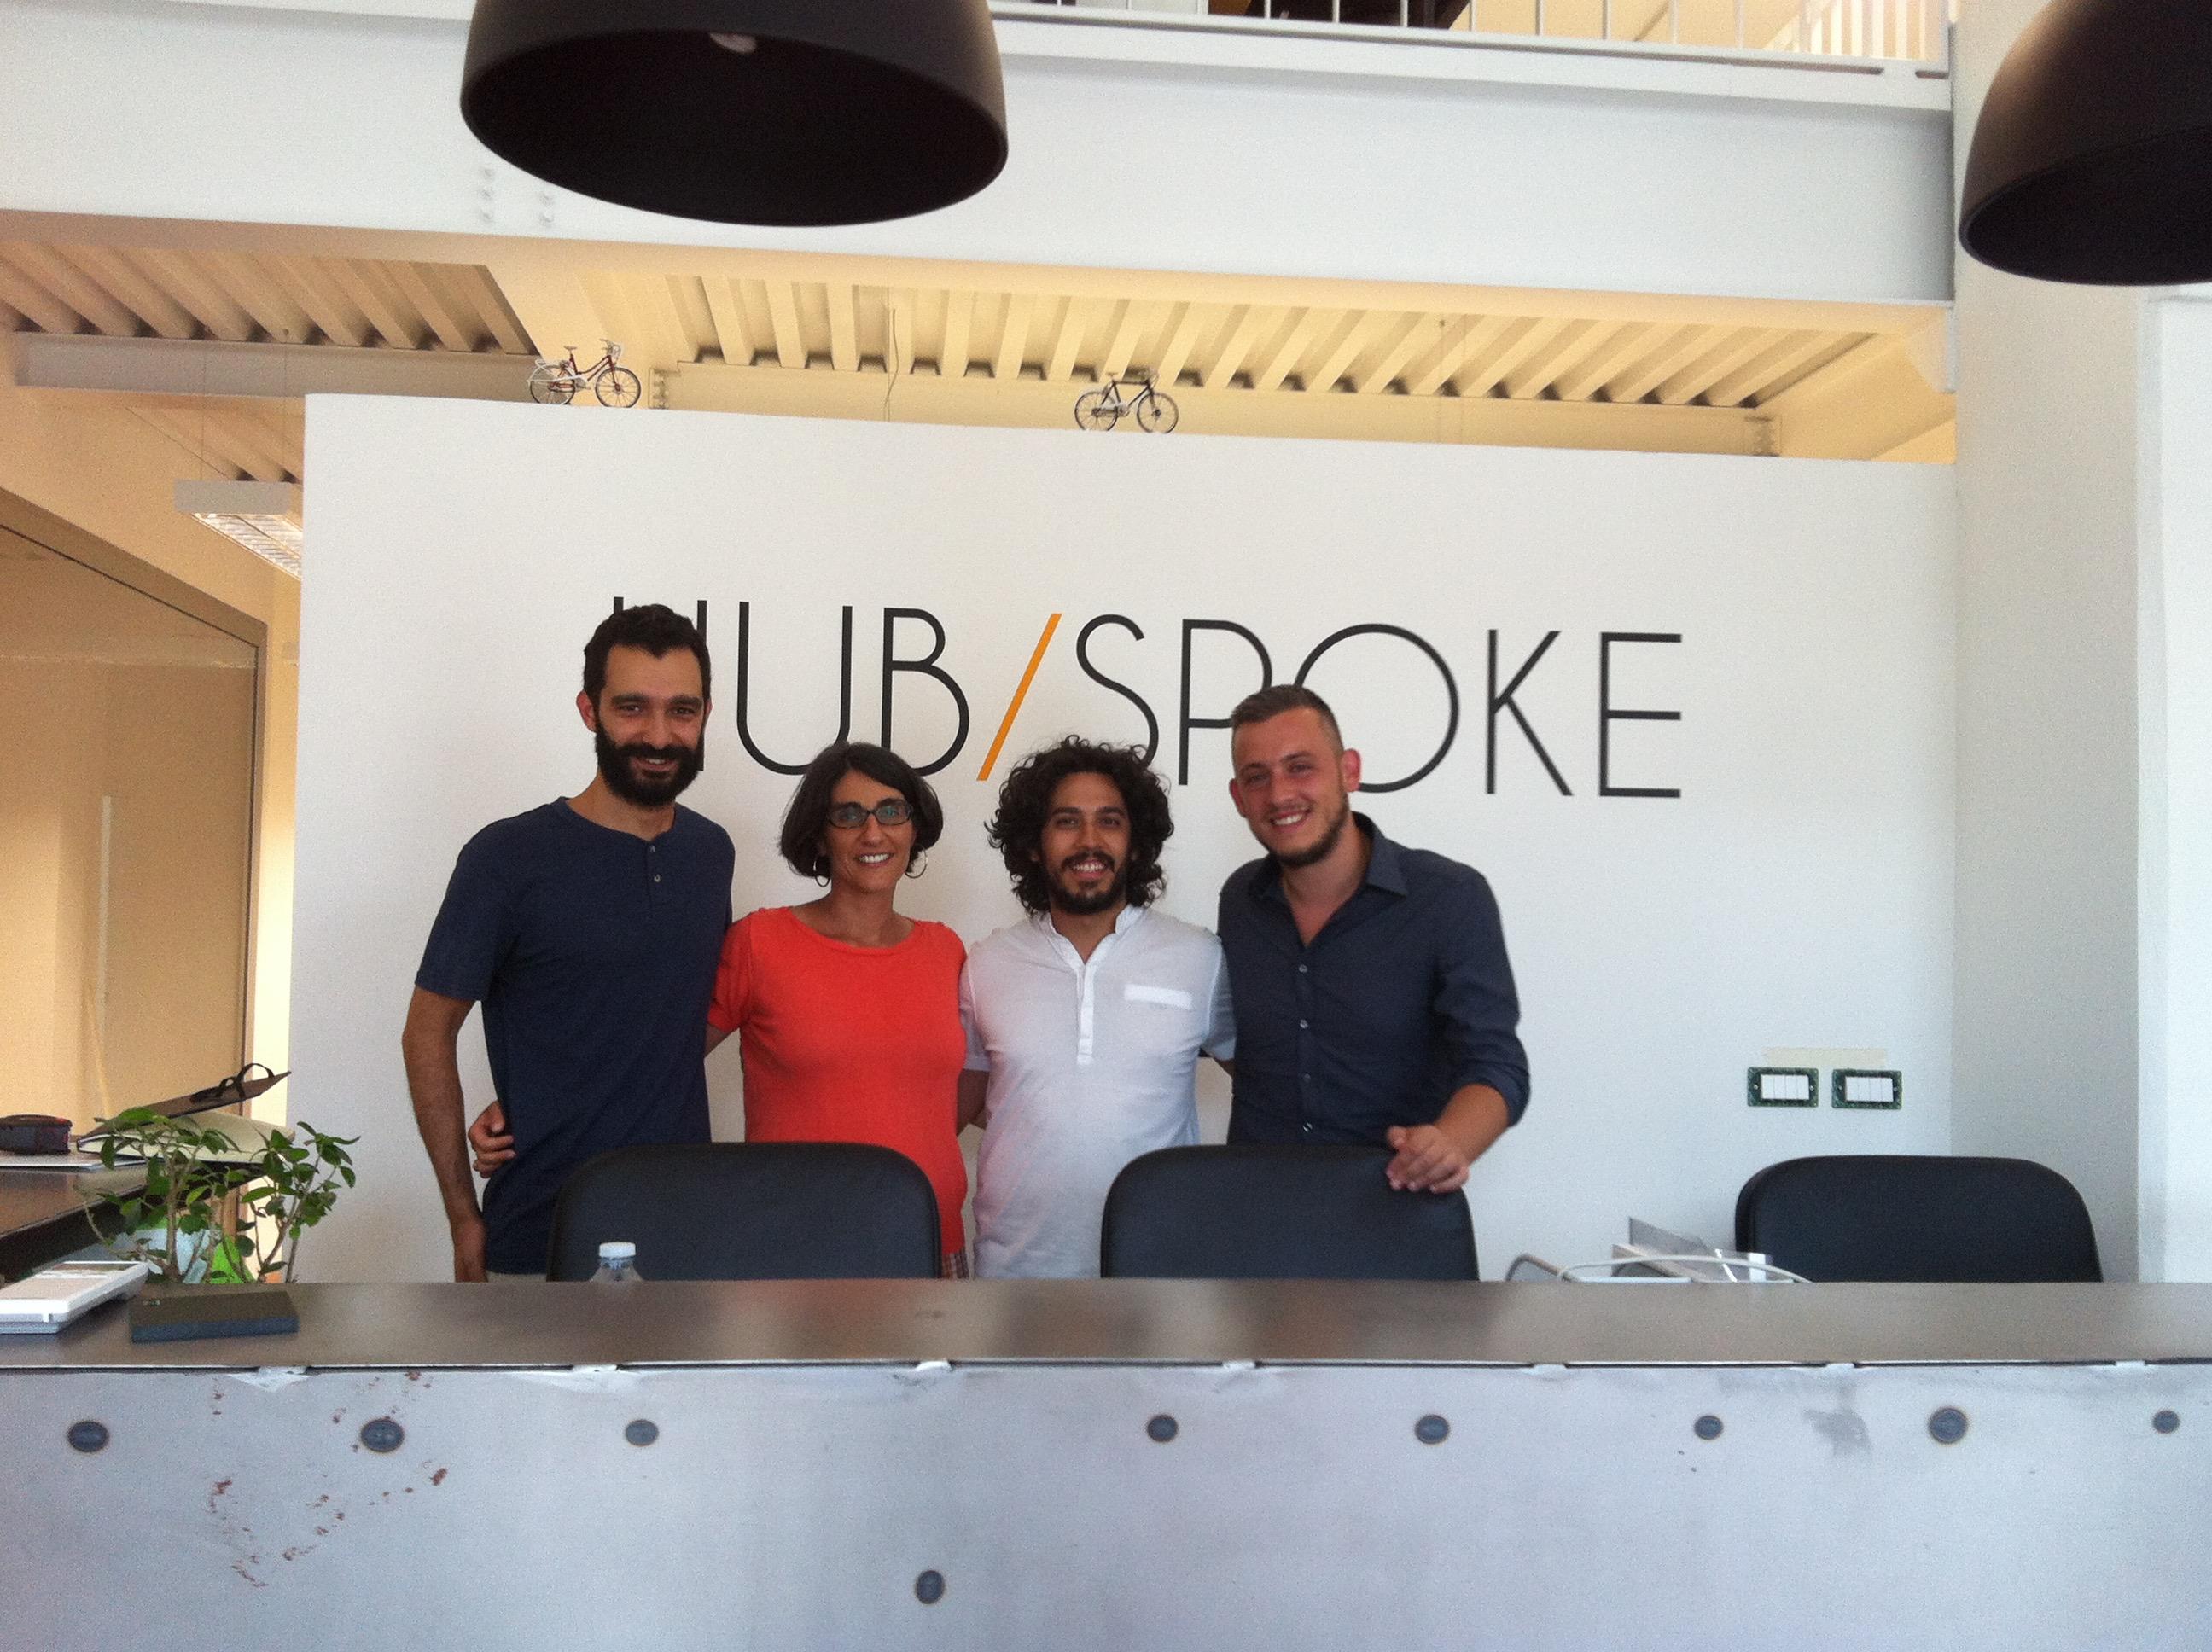 Hub / Spoke team